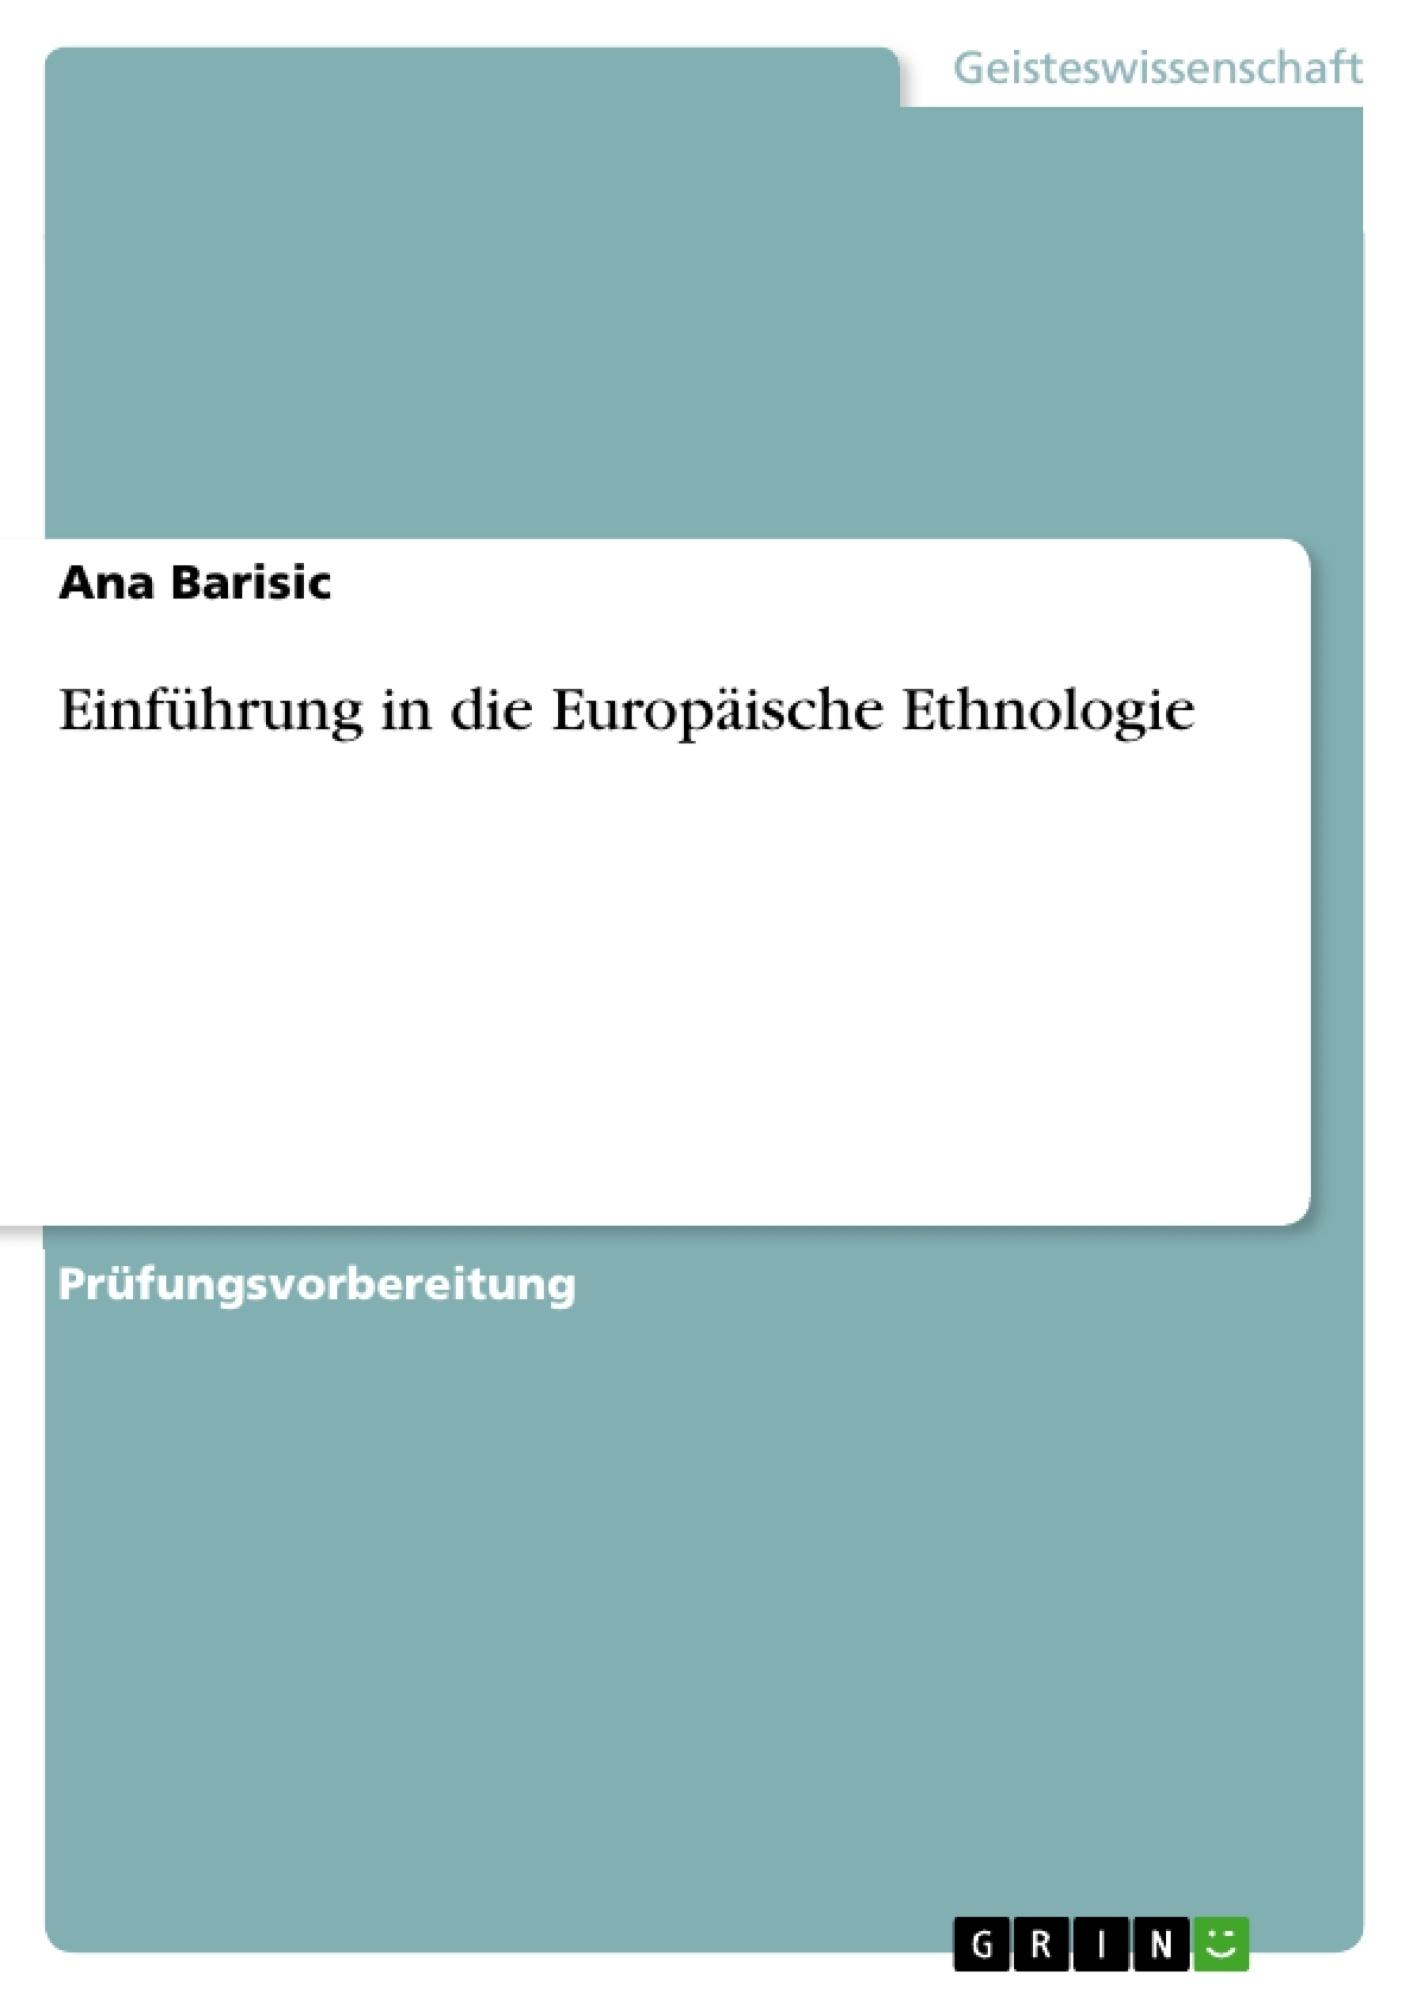 Titel: Einführung in die Europäische Ethnologie